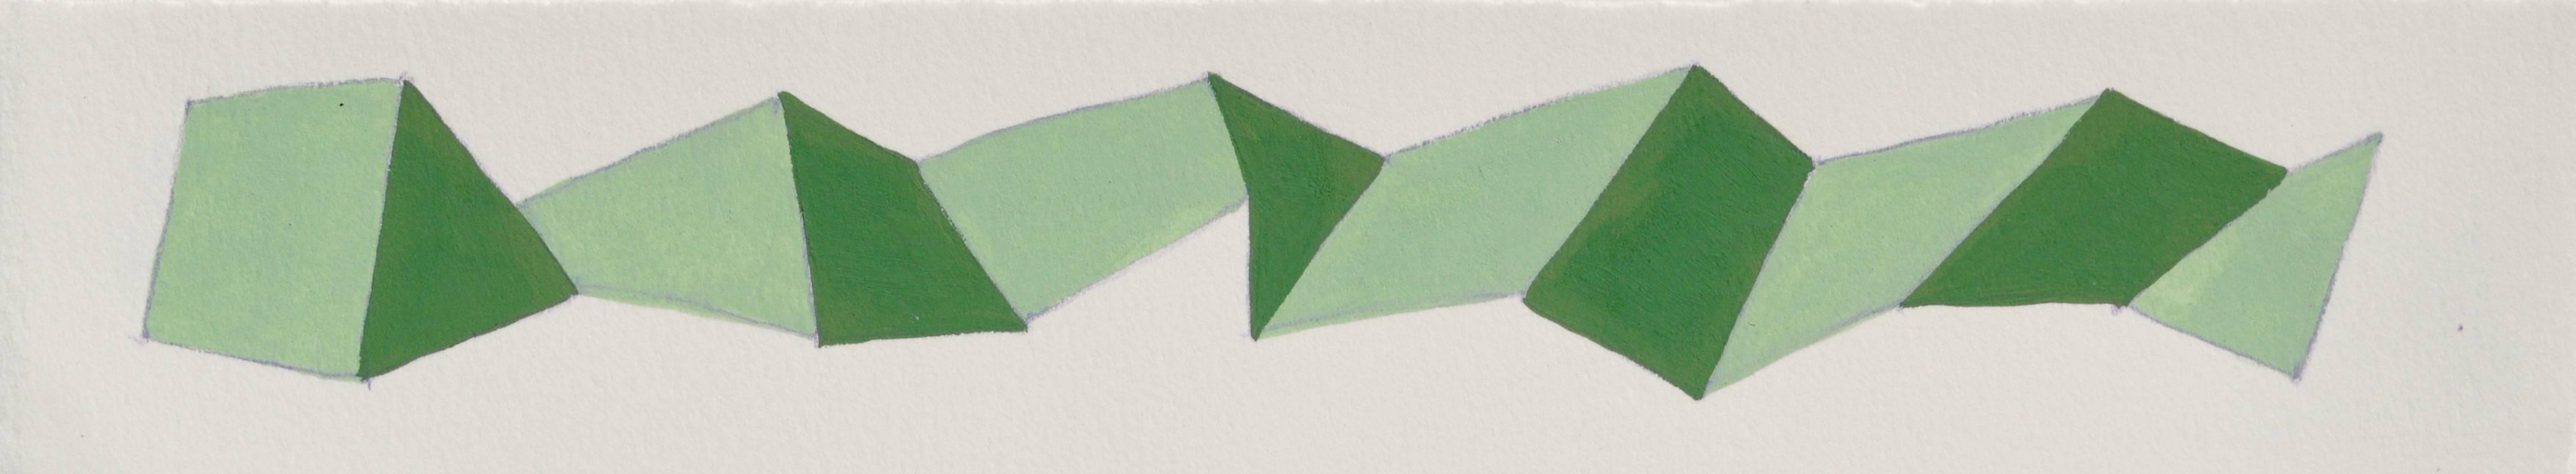 Karen Schiff, Word Snake, 2014, Gouache, Rag Paper, Graphite